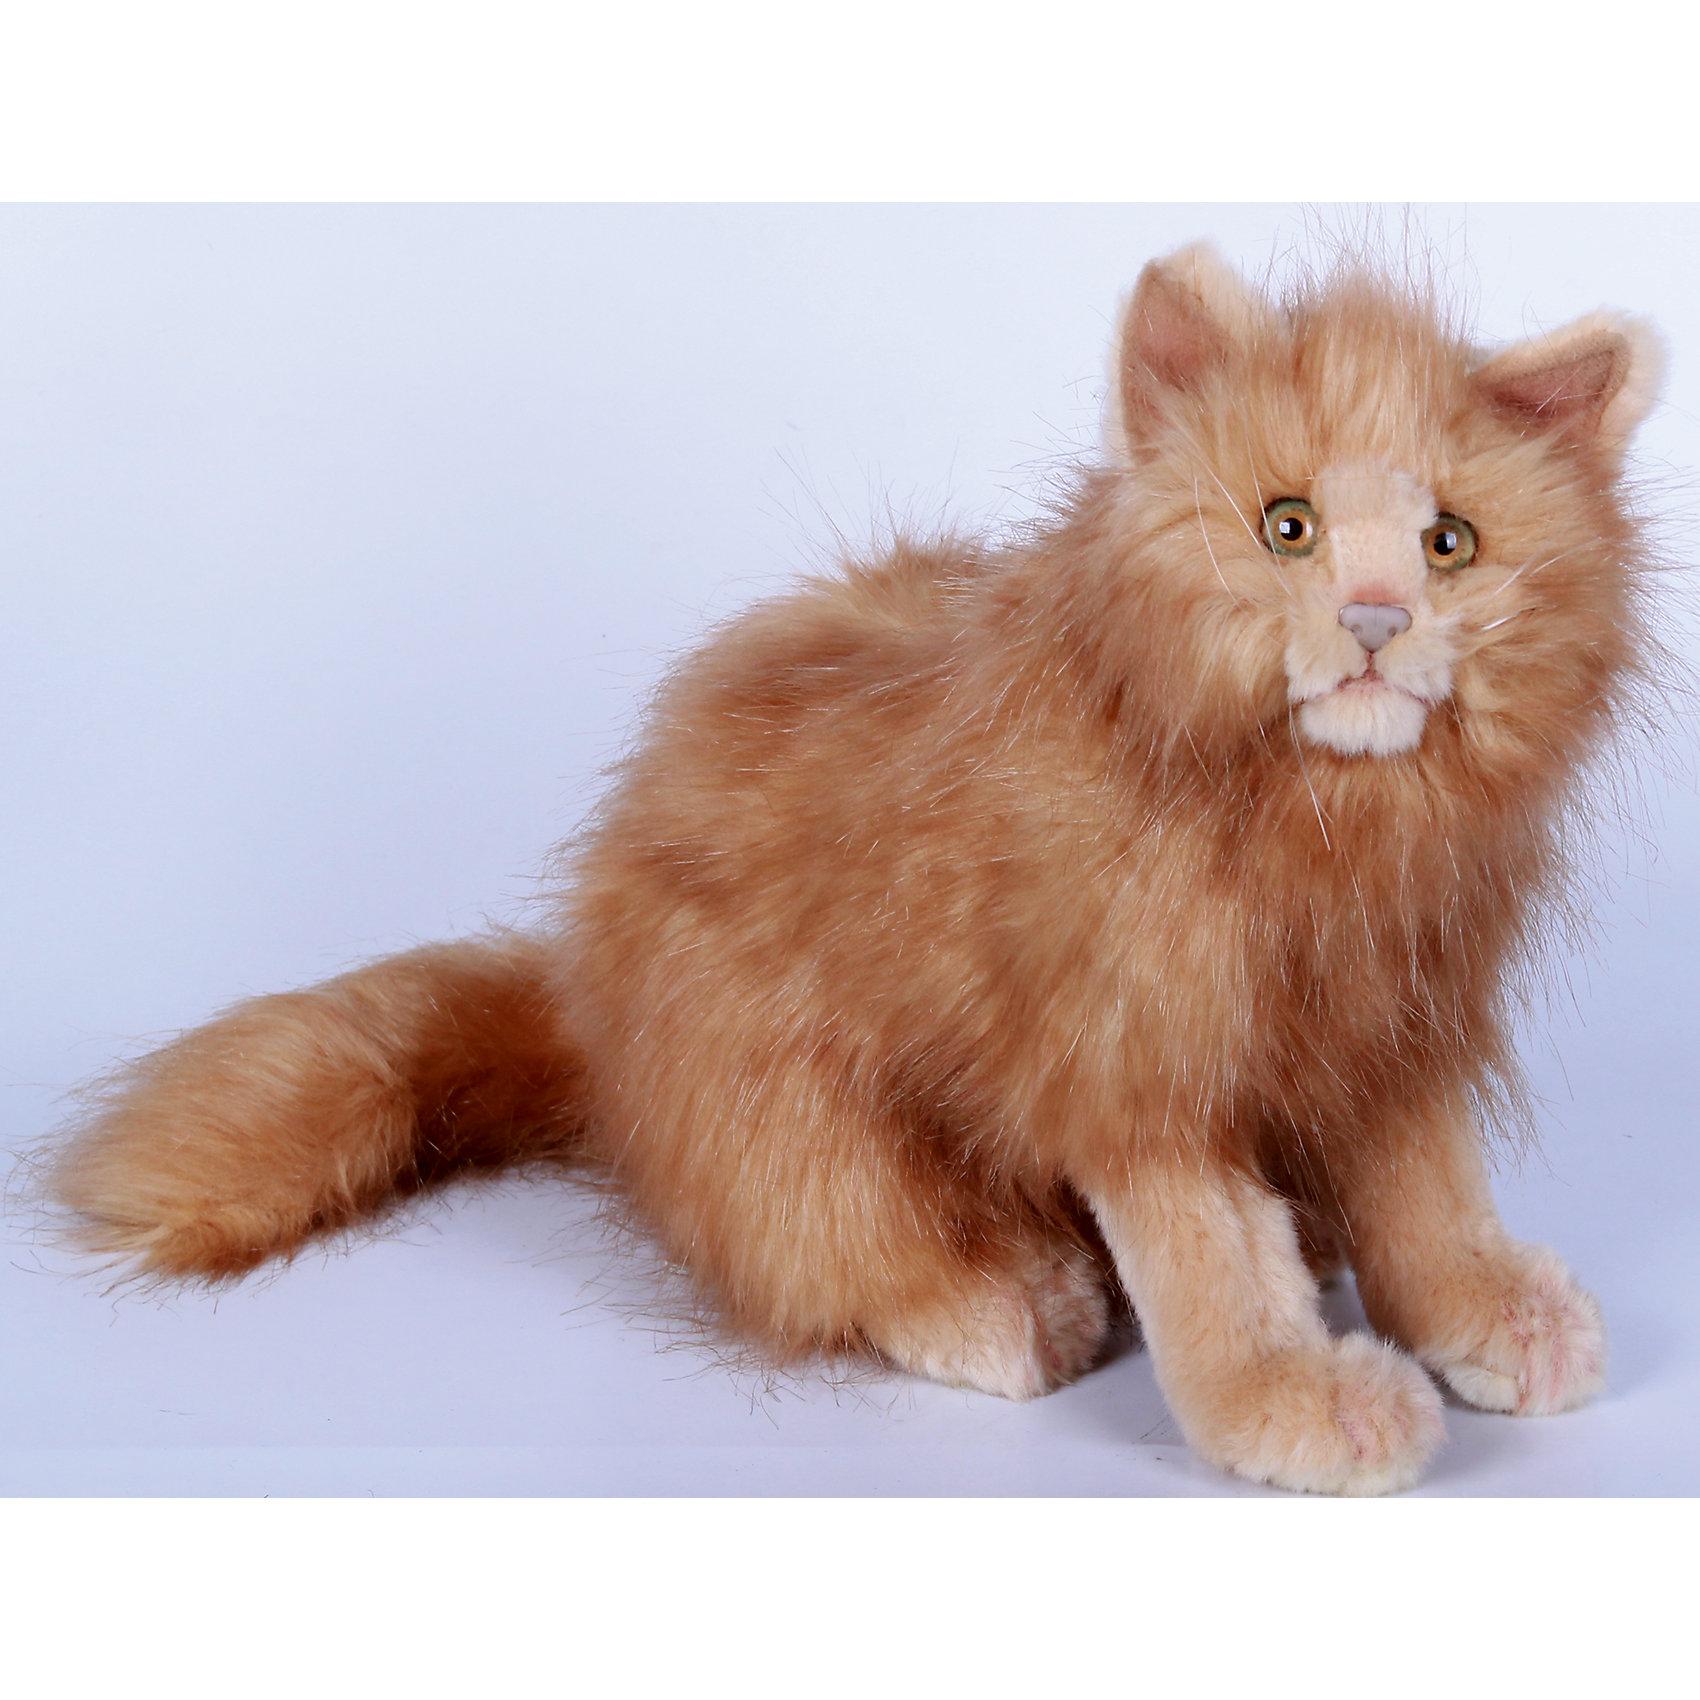 Кошка рыжая, 27 смКошки и собаки<br>Кошка рыжая, 27 см – игрушка от знаменитого бренда Hansa, специализирующегося на выпуске мягких игрушек с высокой степенью натуралистичности. Внешний вид игрушечного кошки полностью соответствует своему реальному прототипу. Она выполнена из искусственного меха рыжего цвета с длинным ворсом. Использованные материалы обладают гипоаллергенными свойствами. Внутри игрушки имеется металлический каркас, позволяющий изменять положение. <br>Игрушка относится к серии Домашние животные. <br>Мягкие игрушки от Hansa подходят для сюжетно-ролевых игр, для обучающих игр, направленных на знакомство с миром живой природы. Кроме того, их можно использовать в качестве интерьерных игрушек. Представленные у торгового бренда разнообразие игрушечных кошек позволяет собрать свою коллекцию пород, которая будет радовать вашего ребенка долгое время, так как ручная работа и качественные материалы гарантируют их долговечность и прочность.<br><br>Дополнительная информация:<br><br>- Вид игр: сюжетно-ролевые игры, коллекционирование, интерьерные игрушки<br>- Предназначение: для дома, для детских развивающих центров, для детских садов<br>- Материал: искусственный мех, наполнитель ? полиэфирное волокно<br>- Размер (ДхШхВ): 31*27*19 см<br>- Вес: 735 г<br>- Особенности ухода: сухая чистка при помощи пылесоса или щетки для одежды<br><br>Подробнее:<br><br>• Для детей в возрасте: от 3 лет <br>• Страна производитель: Филиппины<br>• Торговый бренд: Hansa<br><br>Кошку рыжую, 27 см можно купить в нашем интернет-магазине.<br><br>Ширина мм: 31<br>Глубина мм: 27<br>Высота мм: 19<br>Вес г: 735<br>Возраст от месяцев: 36<br>Возраст до месяцев: 2147483647<br>Пол: Унисекс<br>Возраст: Детский<br>SKU: 4927184